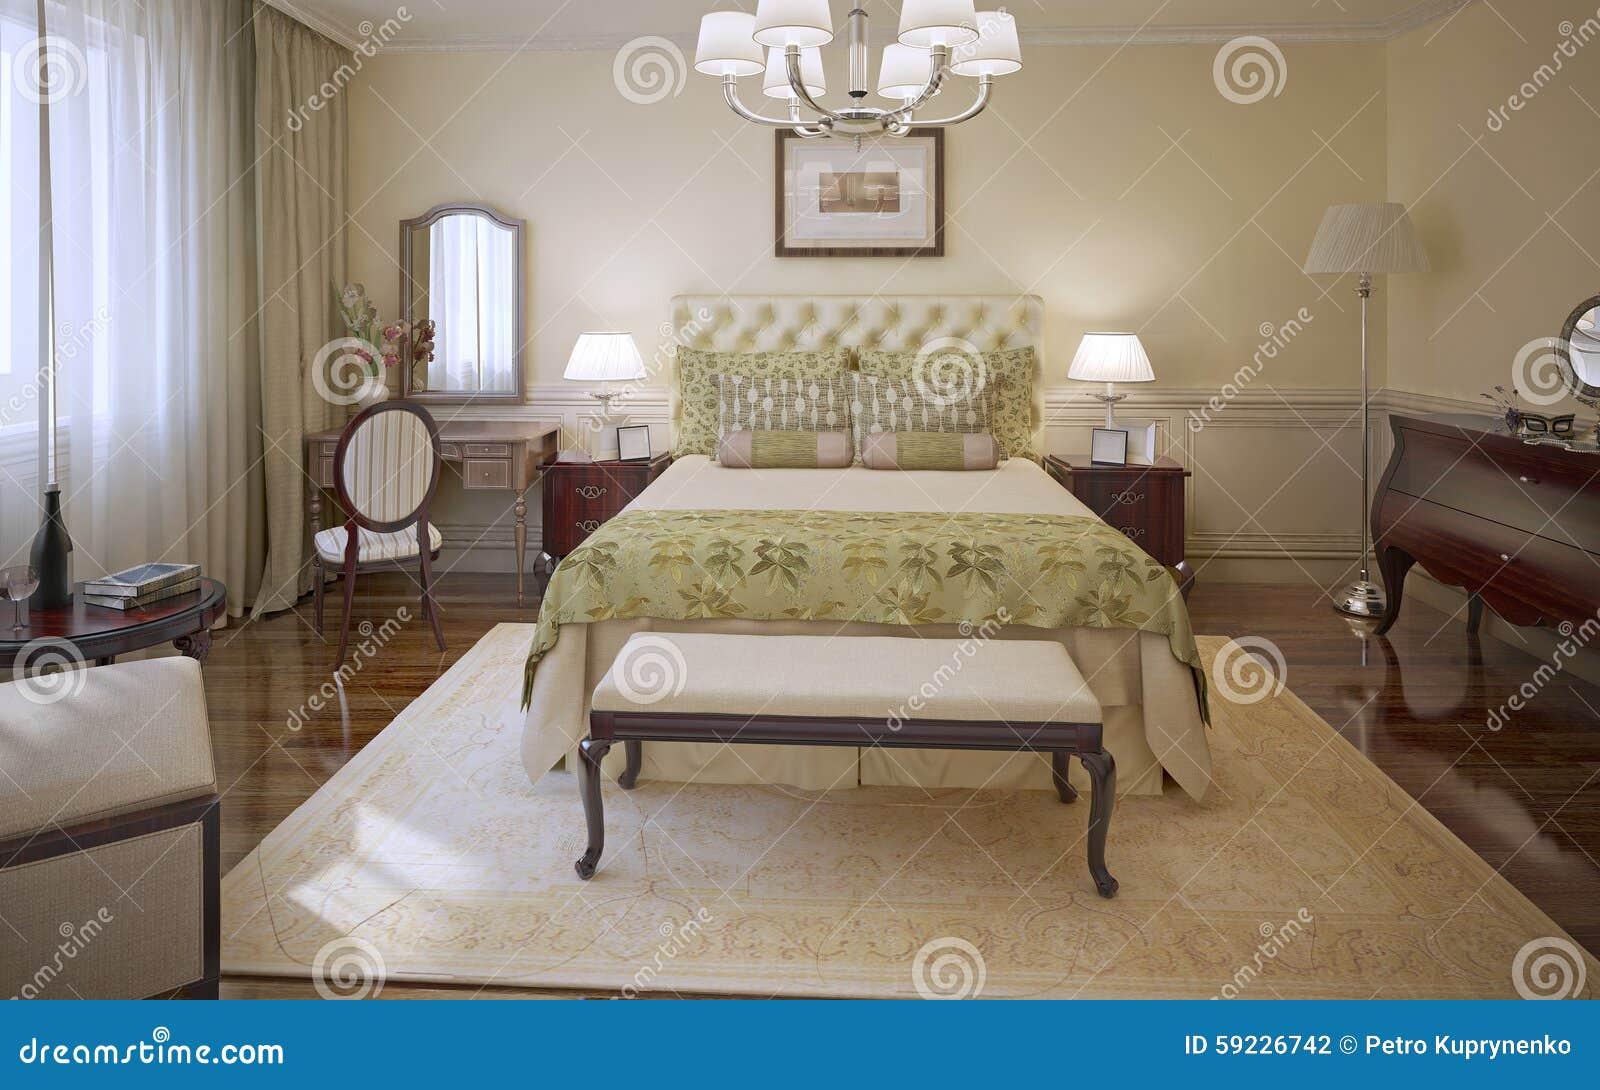 Download Estilo Moderno Del Dormitorio Elegante Stock de ilustración - Ilustración de preparación, chandelier: 59226742